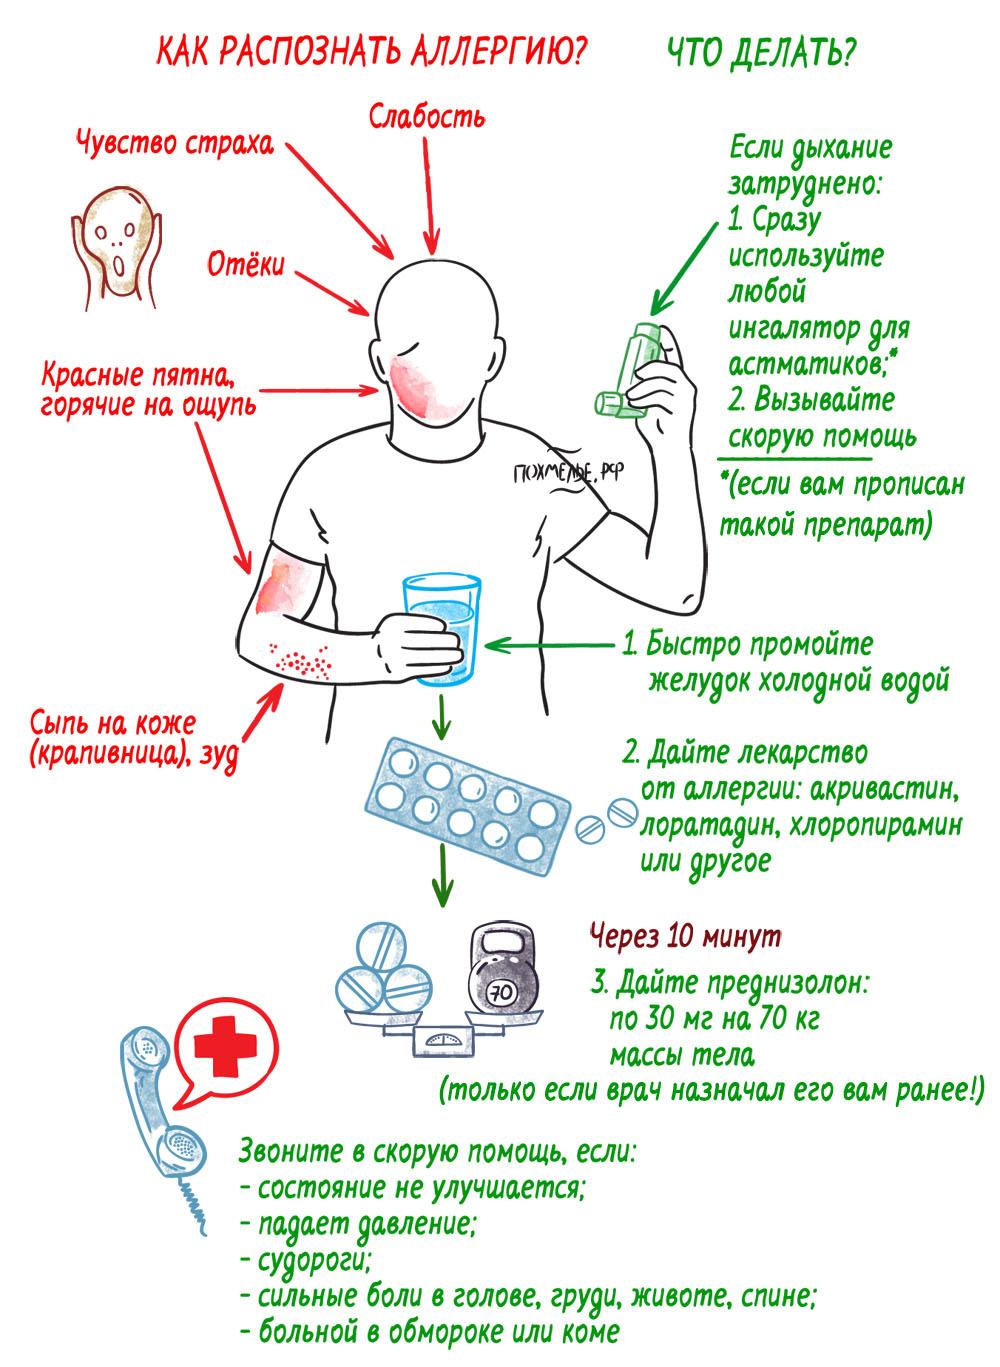 Постинфарктный кардиосклероз: симптомы, лечение и профилактика в клинике Евромедпрестиж